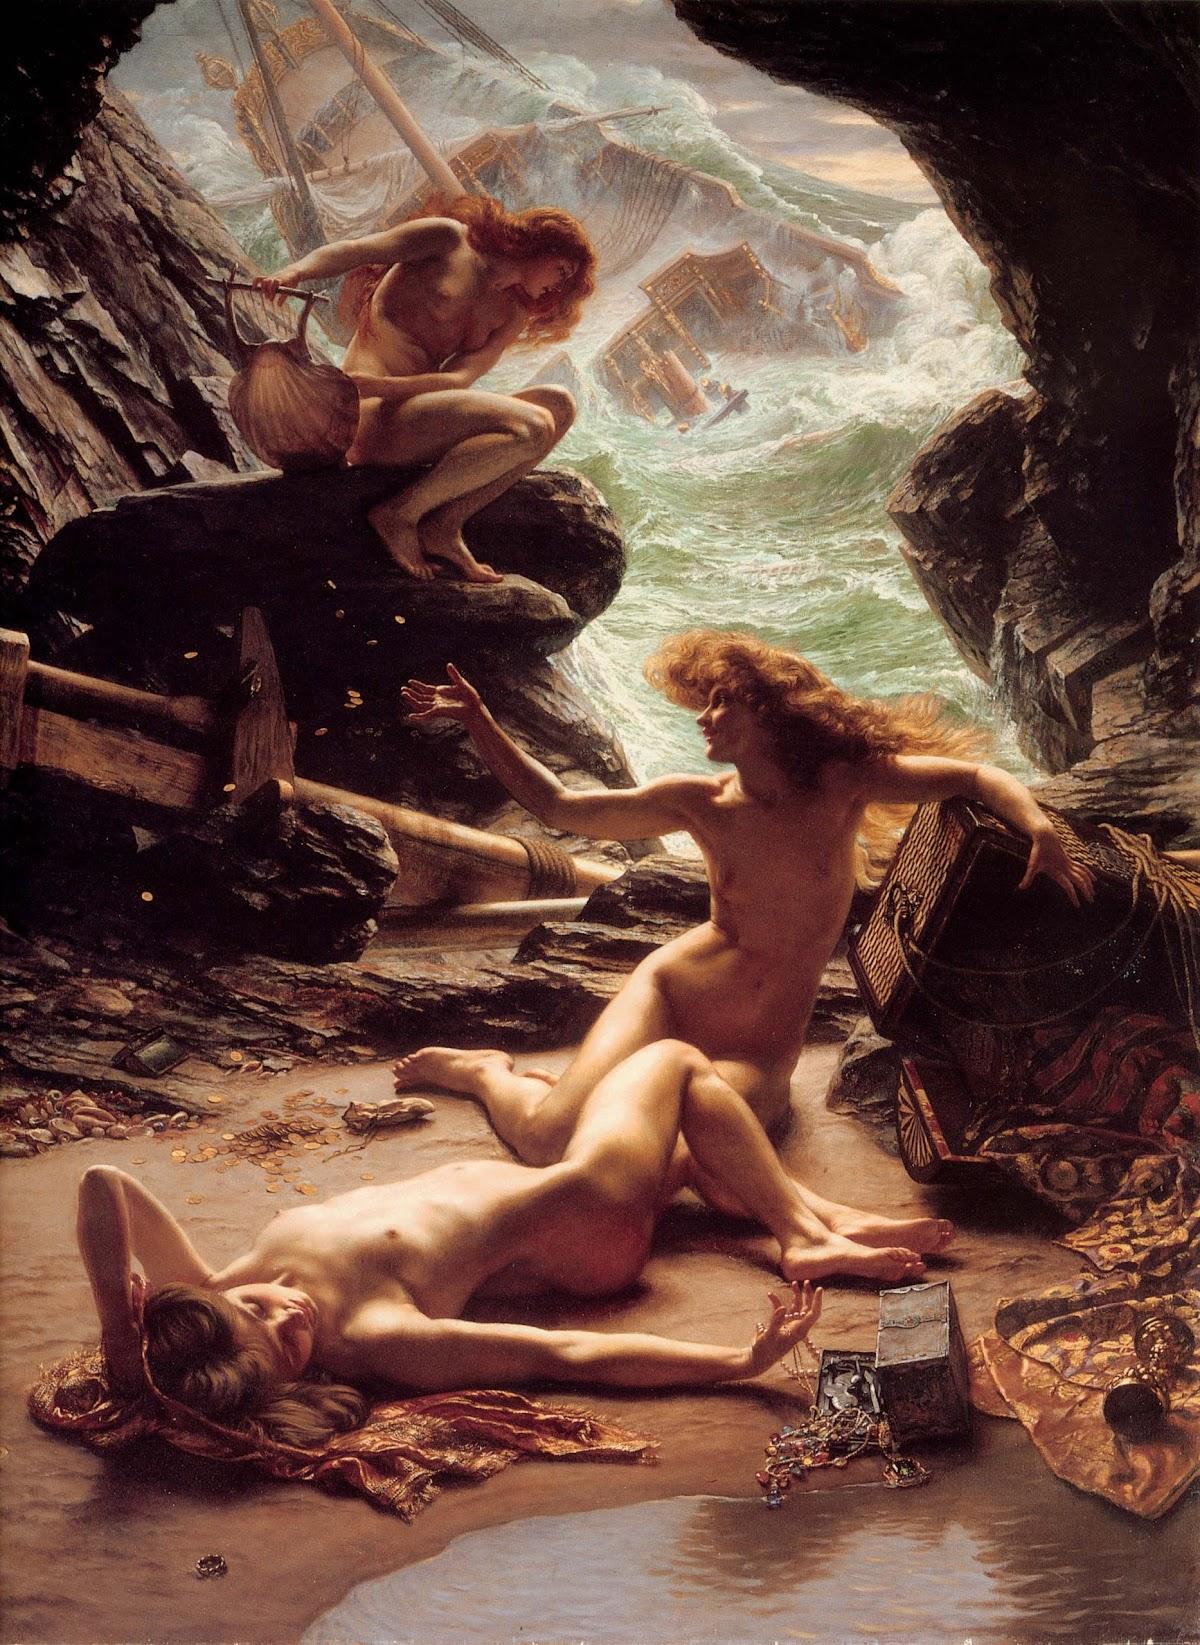 http://1.bp.blogspot.com/-bkzuZ15l8qc/TeahDgN9bpI/AAAAAAAAFjM/pb25S89Un-c/s1645/Edward+Poynter+The_Cave_of_the_Storm_Nymph+el+erotismo+y+el+desnudo+en+el+arte+m.jpg